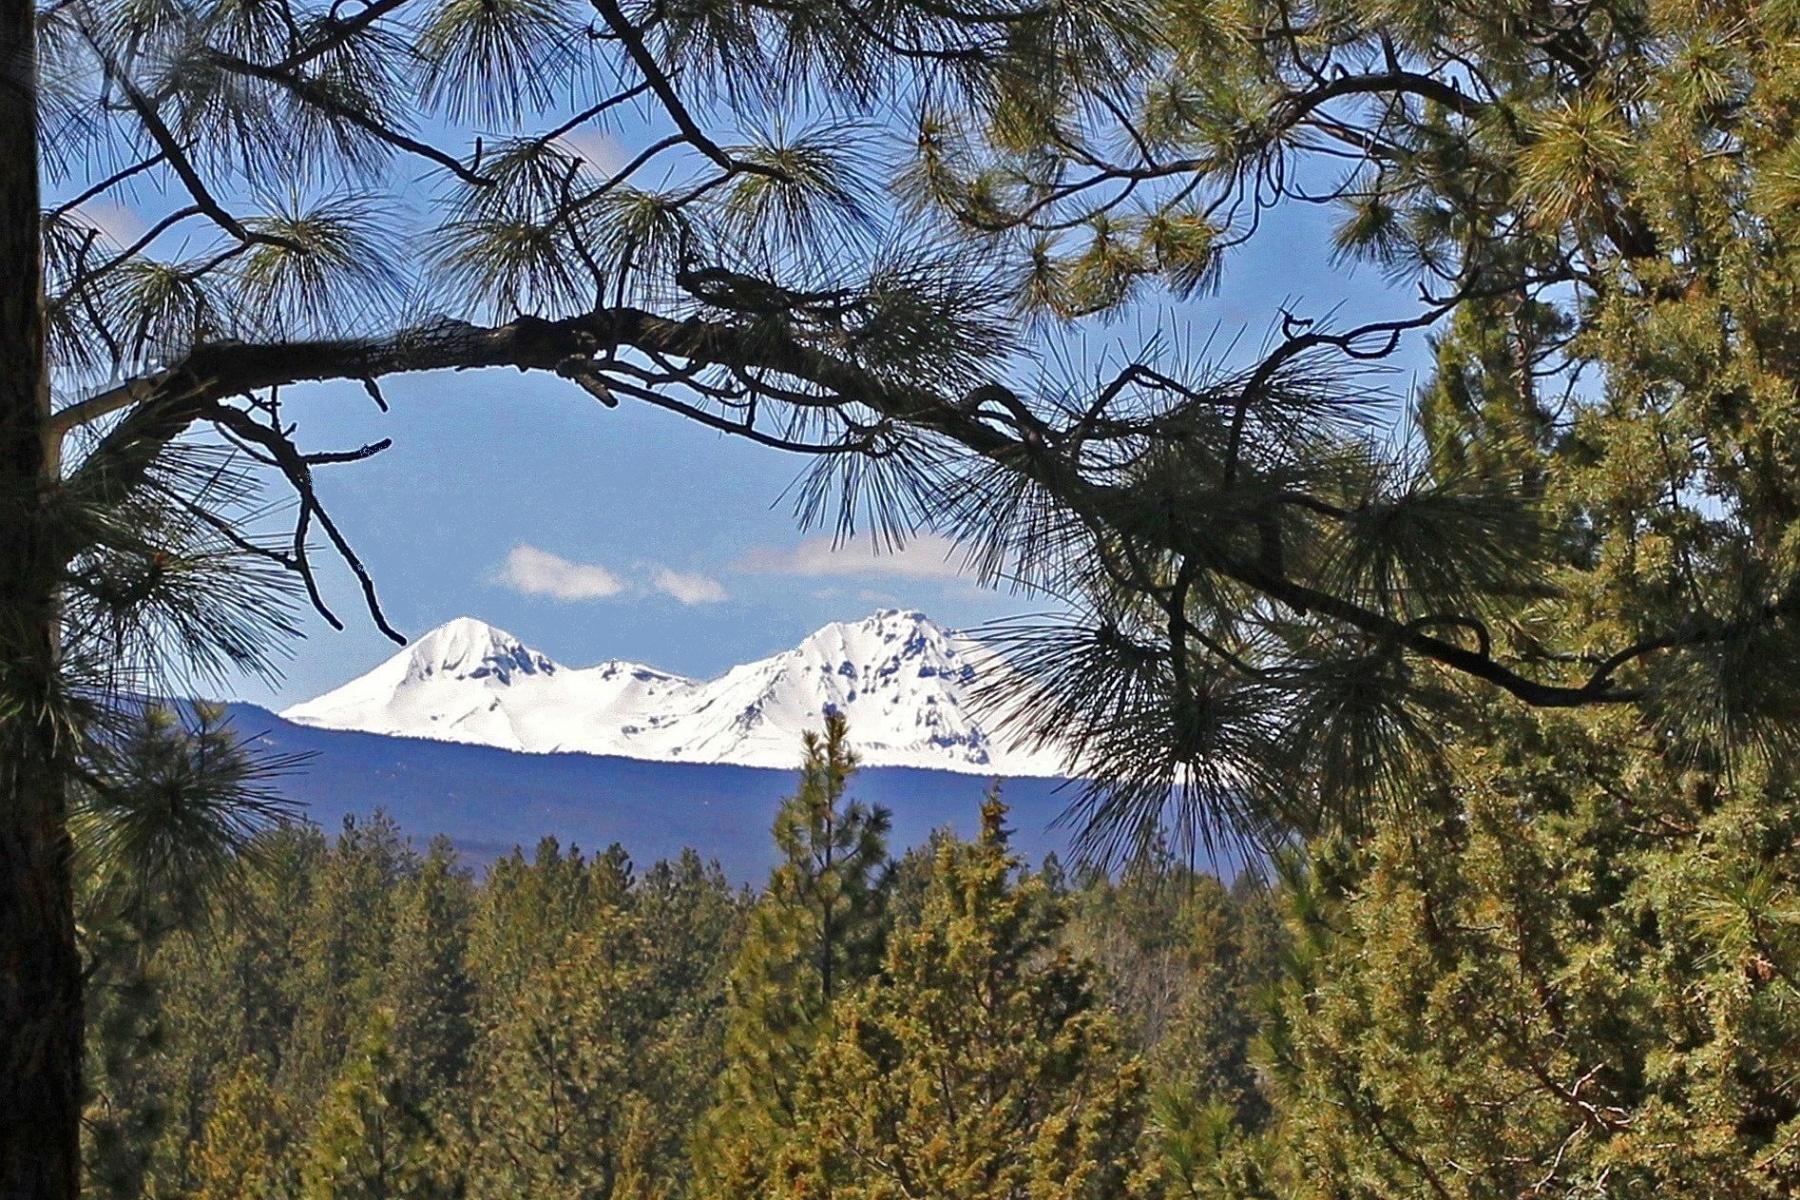 Terreno para Venda às Saddleback Drive, BEND Bend, Oregon, 97703 Estados Unidos